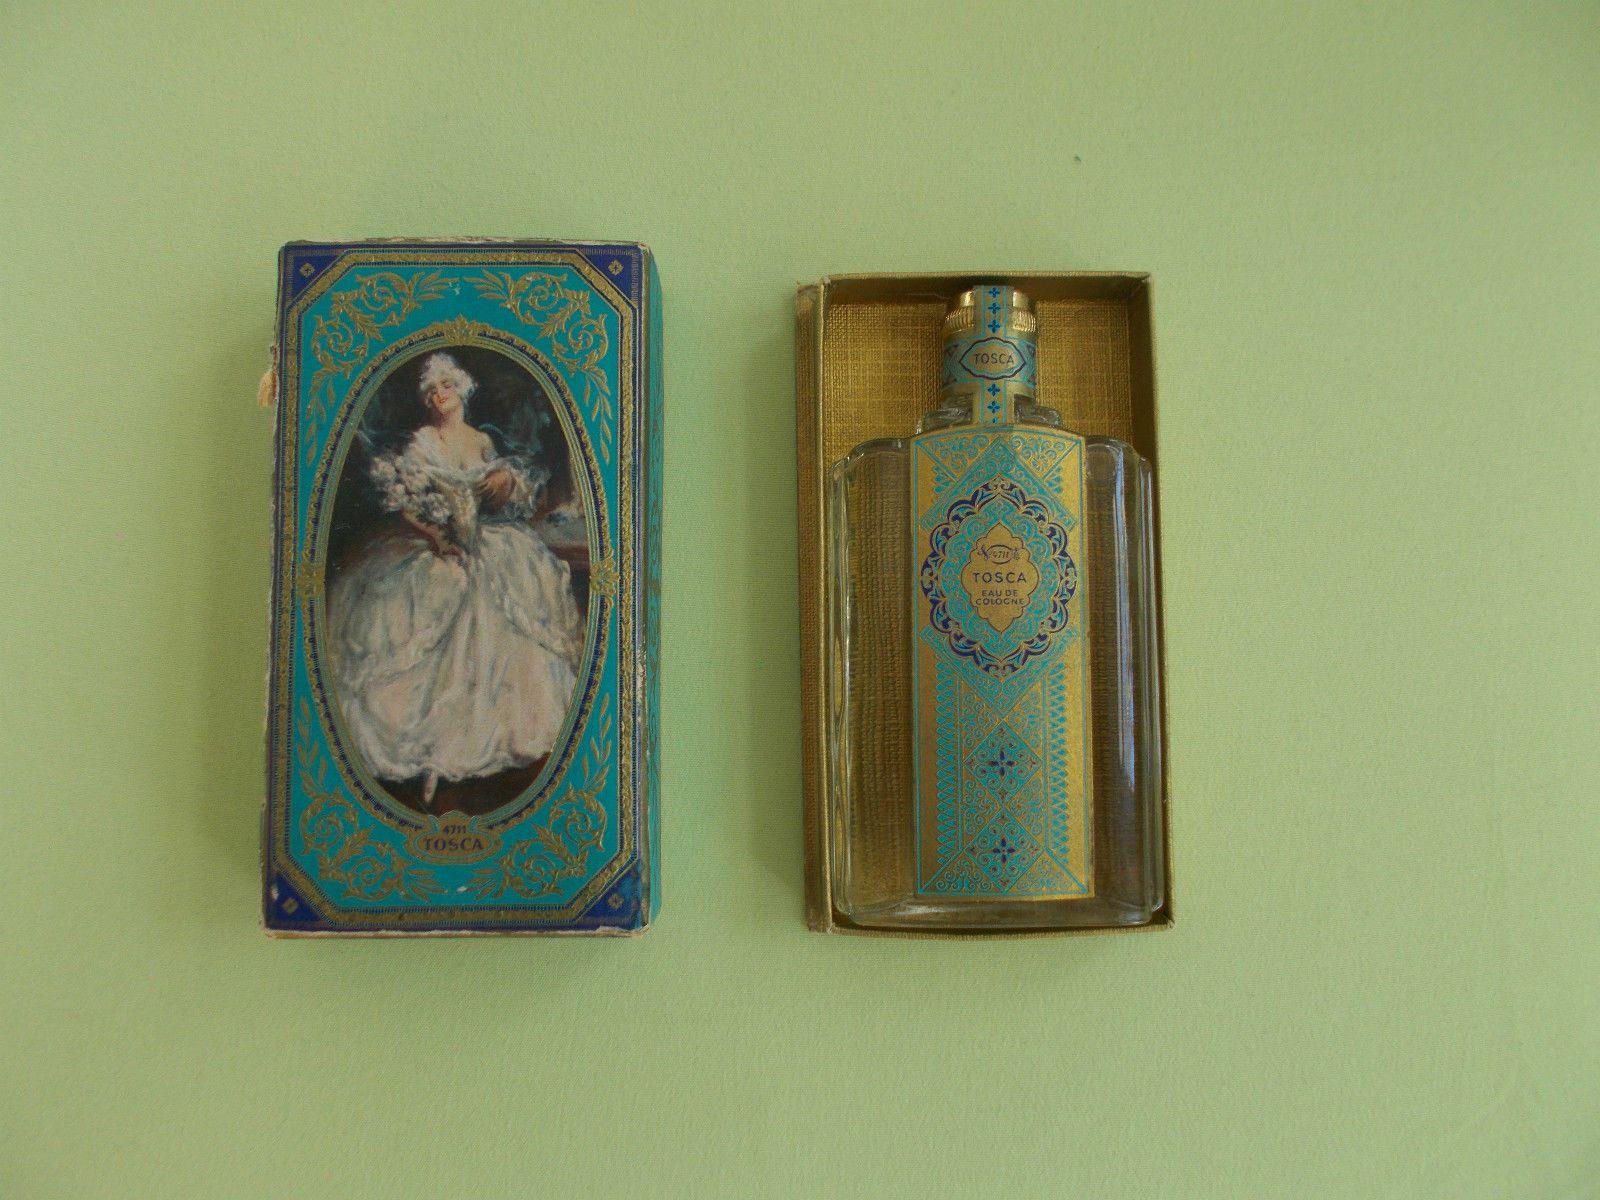 4711 tosca flakon eau de cologne um 1928 mit karton 99ccm unge ffnet ebay 4711 immer. Black Bedroom Furniture Sets. Home Design Ideas